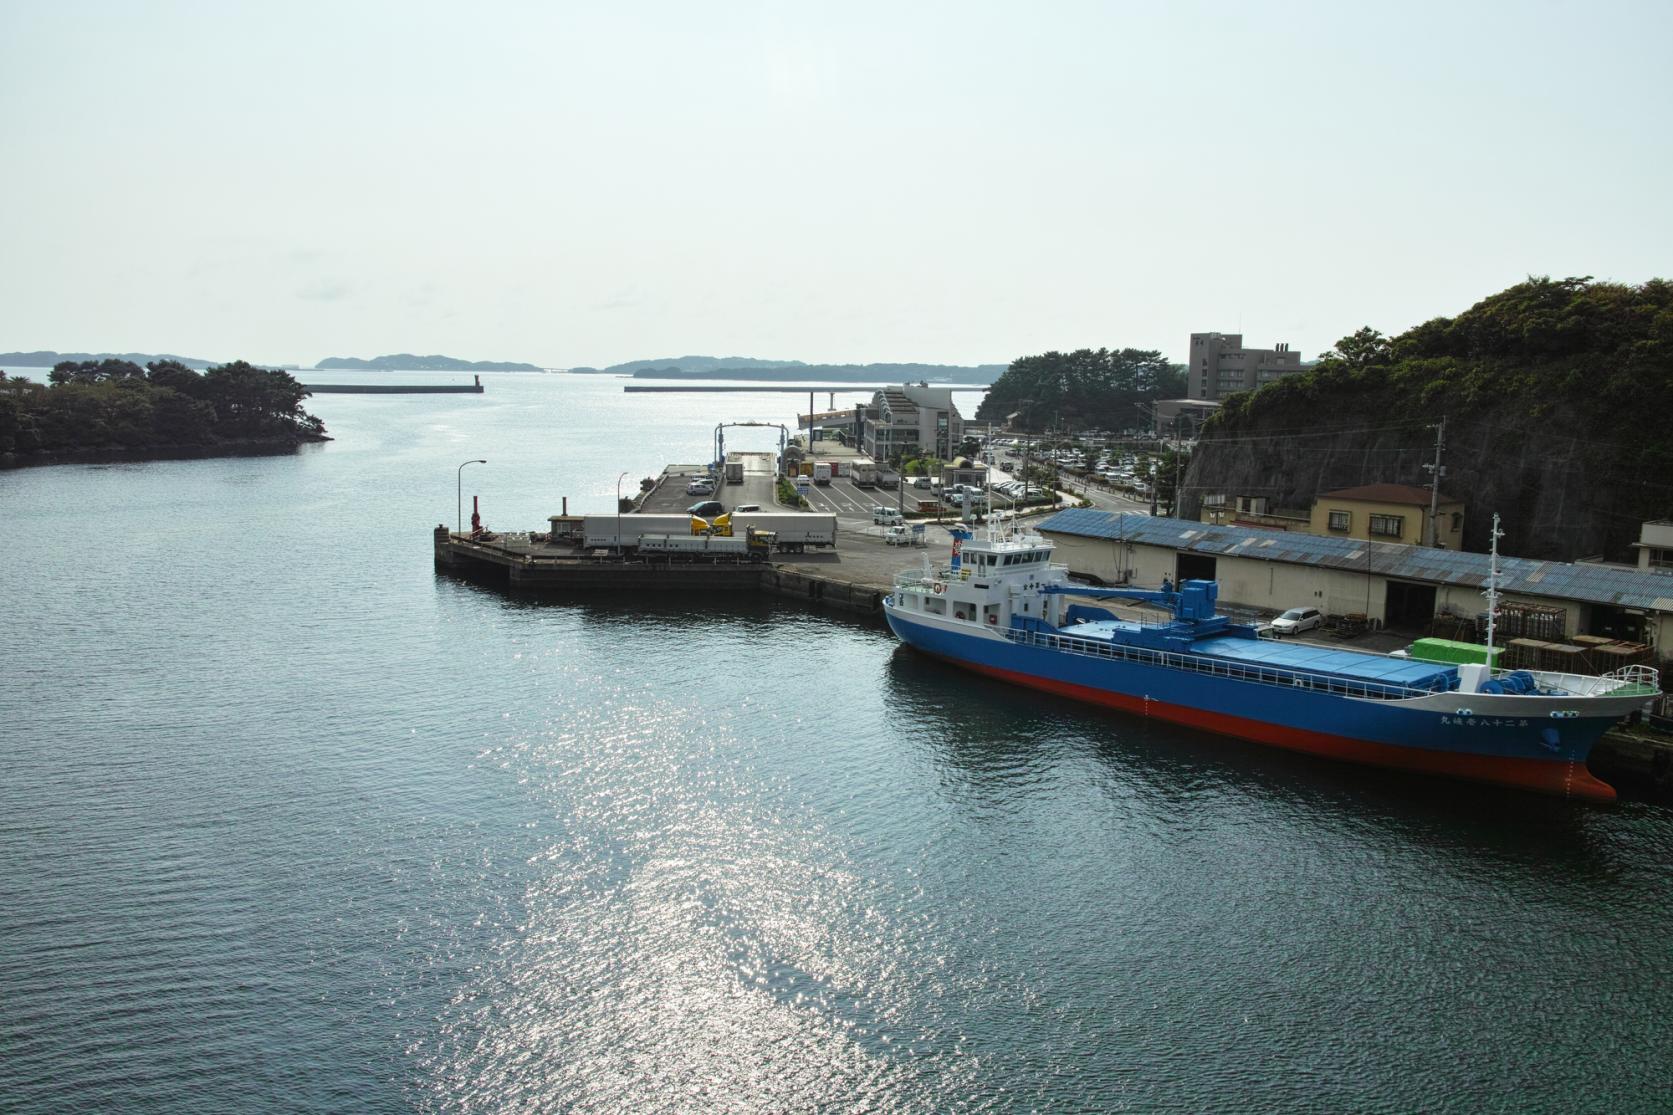 福岡、佐賀、長崎のどこからスタート?島までの交通手段を決めよう-0